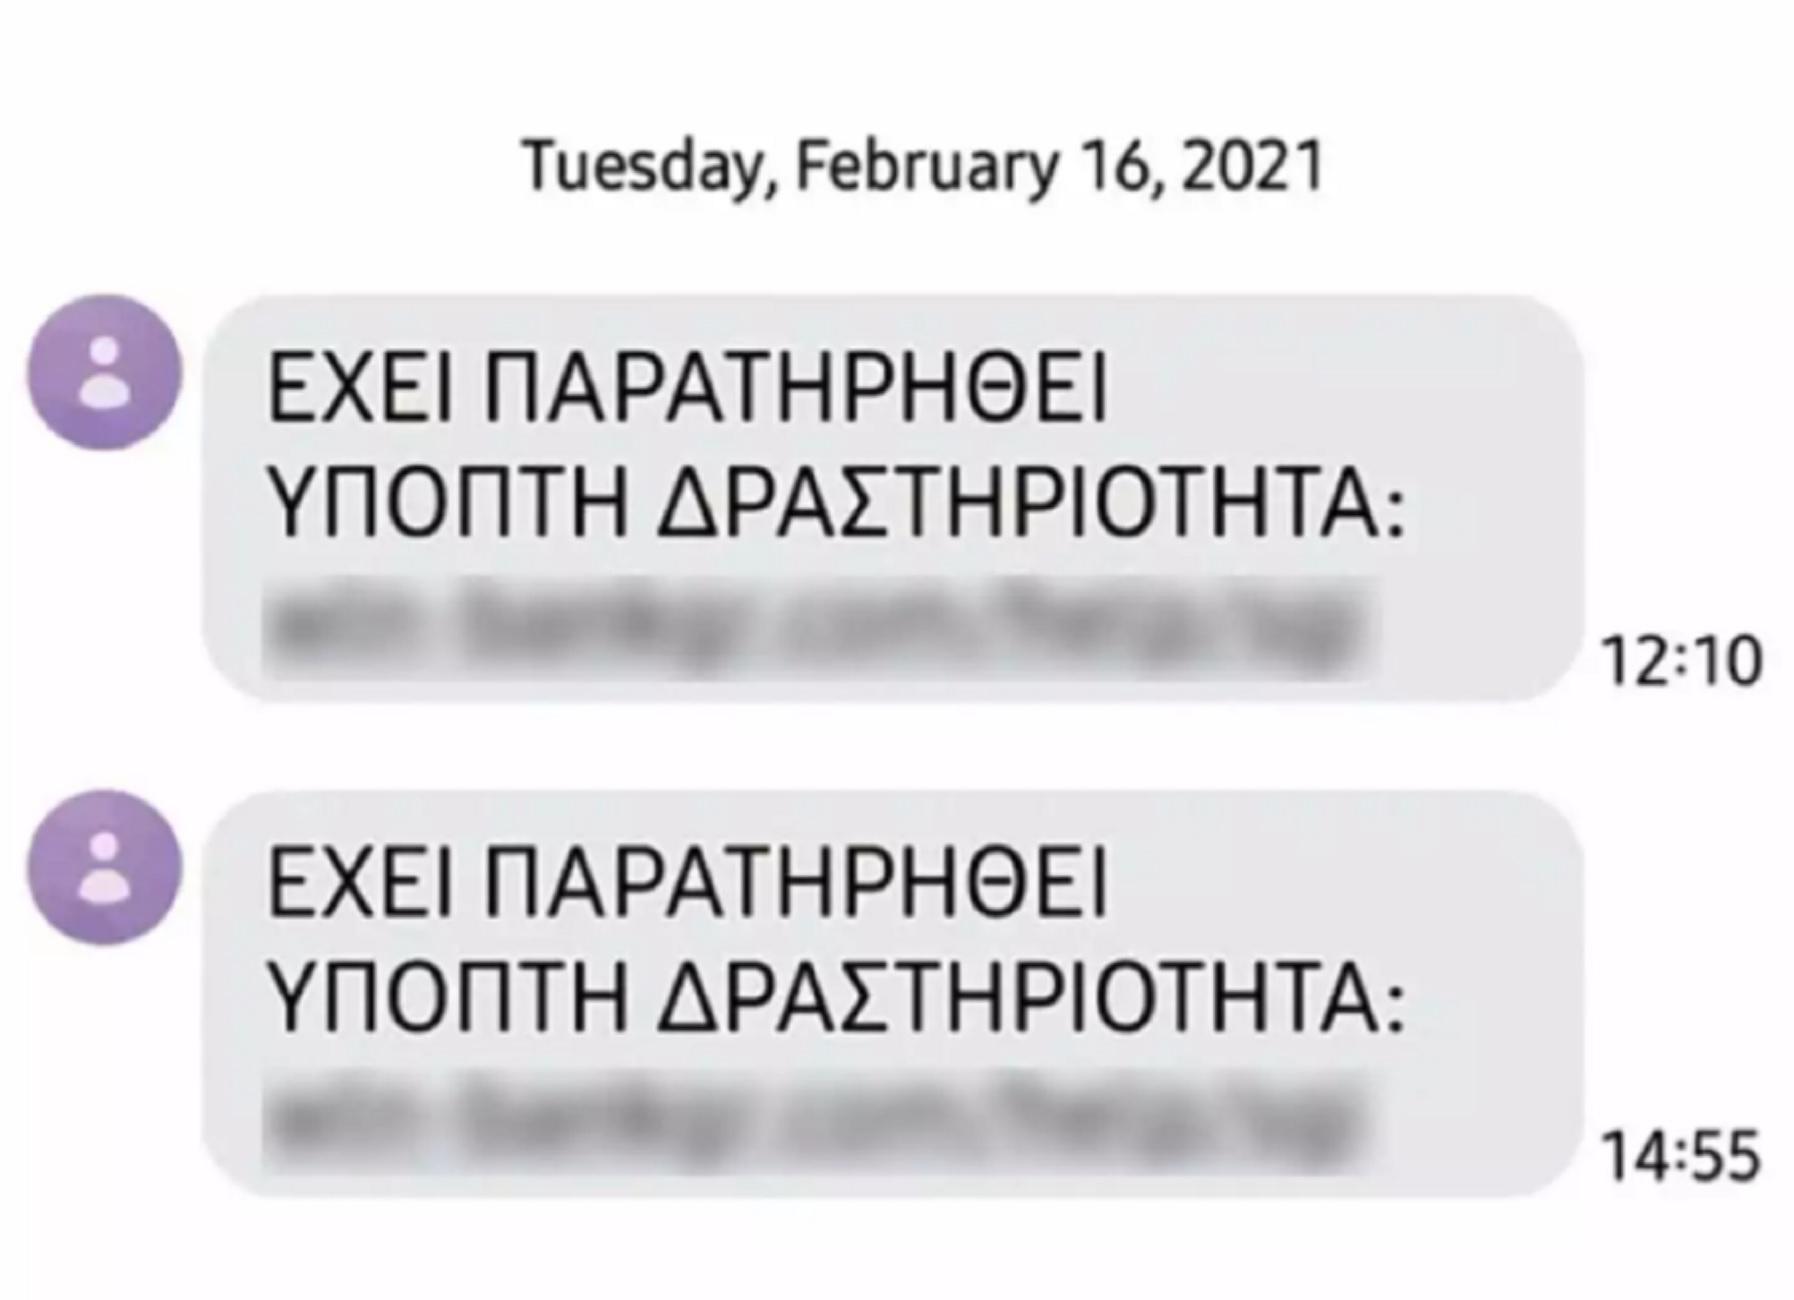 Ρόδος: Της ήρθε αυτό το μήνυμα στο κινητό τηλέφωνο και έκανε ένα λάθος που της στοίχισε 12.500 ευρώ (pic)